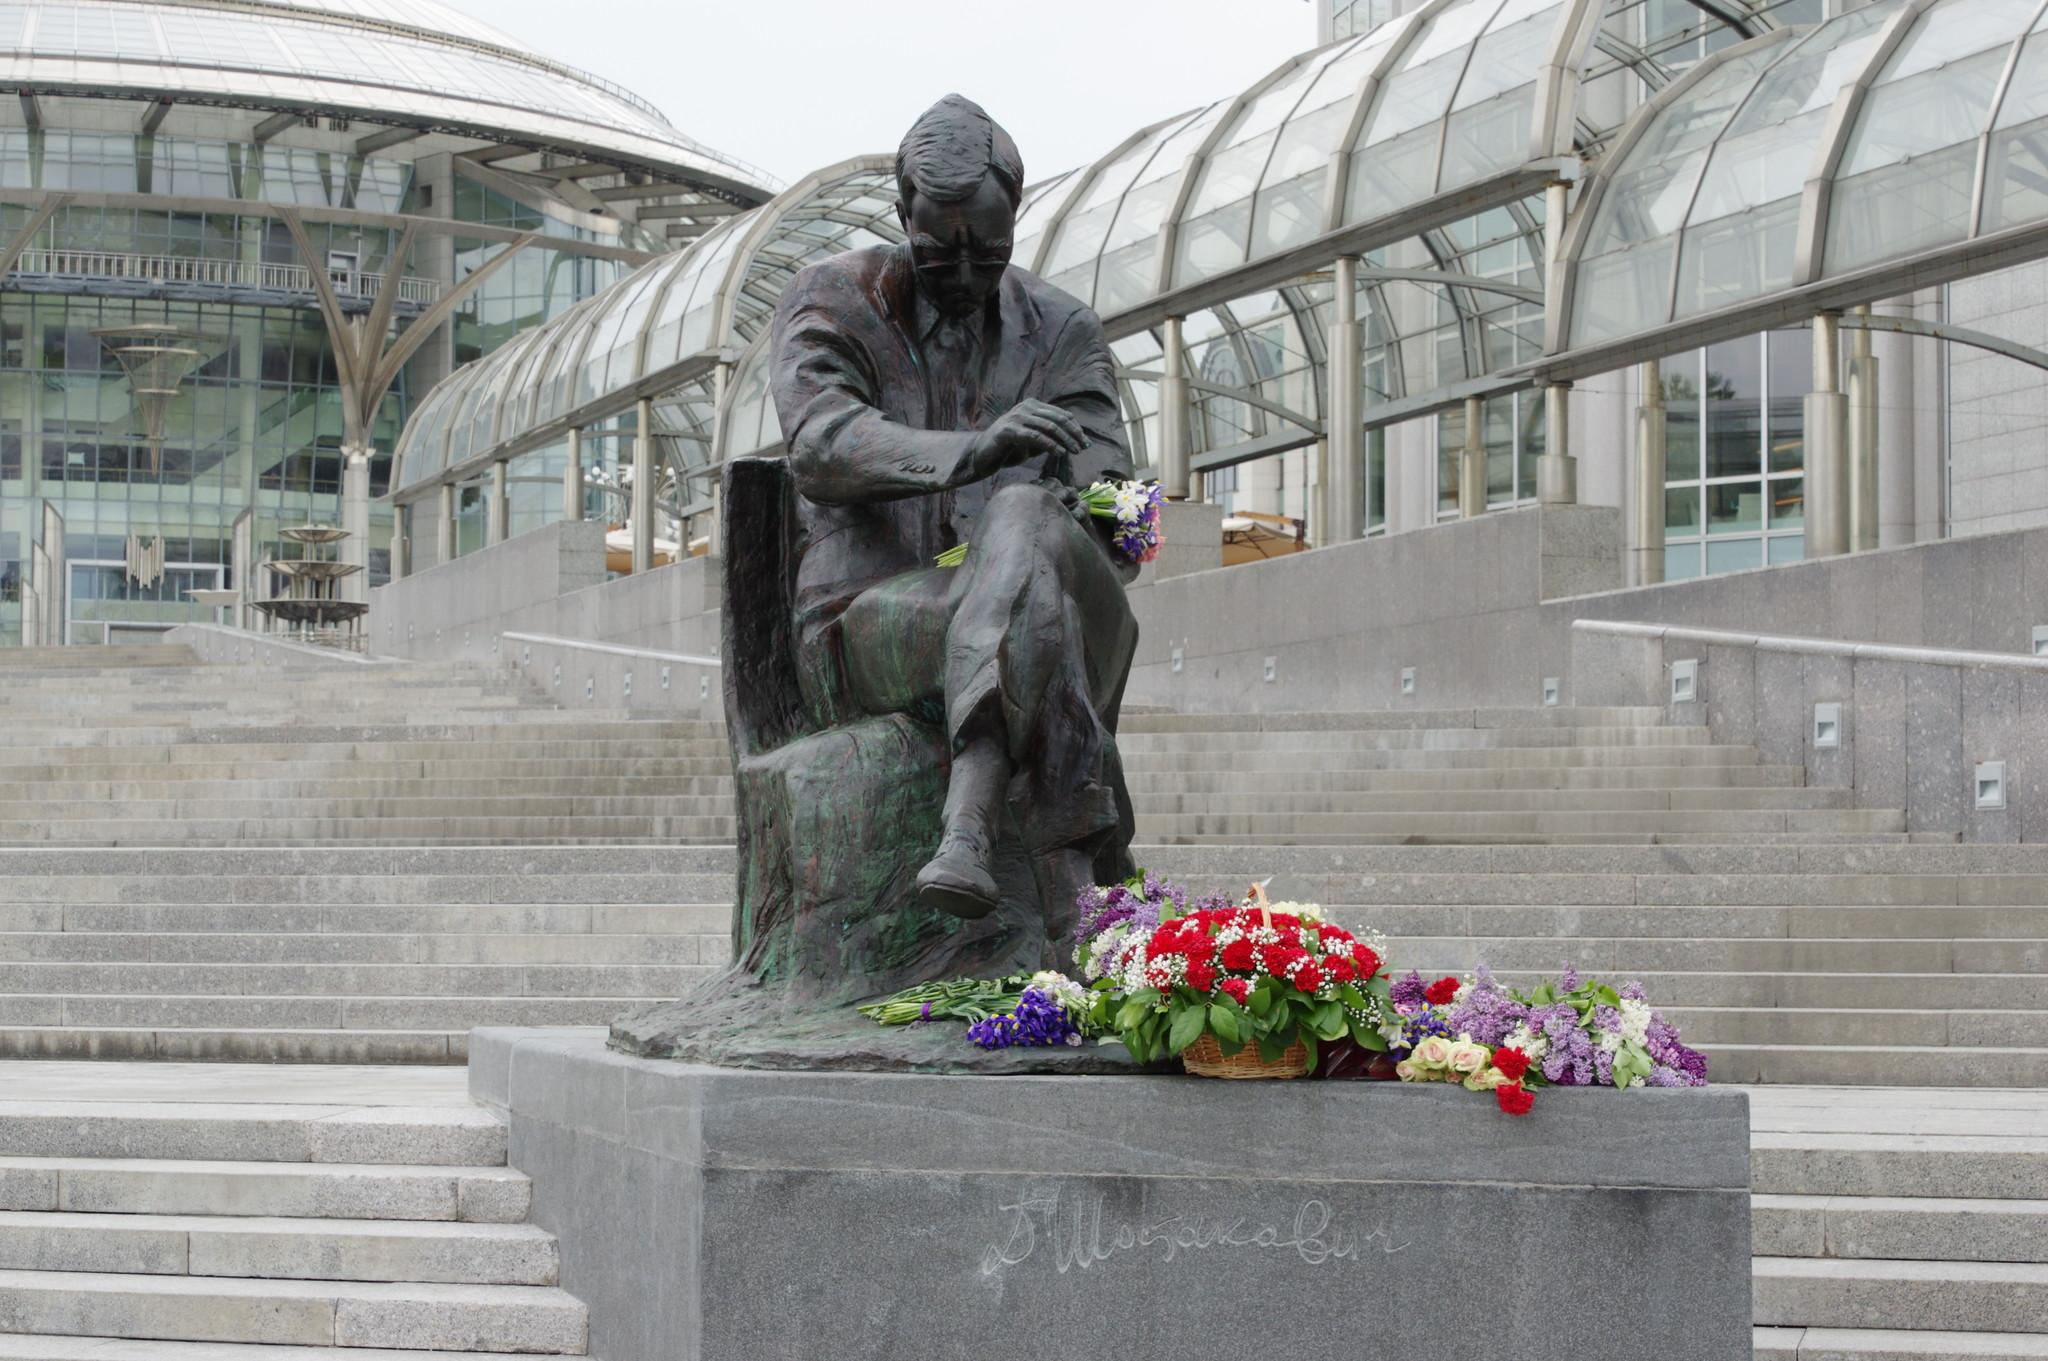 Памятник Дмитрию Шостаковичу перед зданием Московского международного Дома музыки